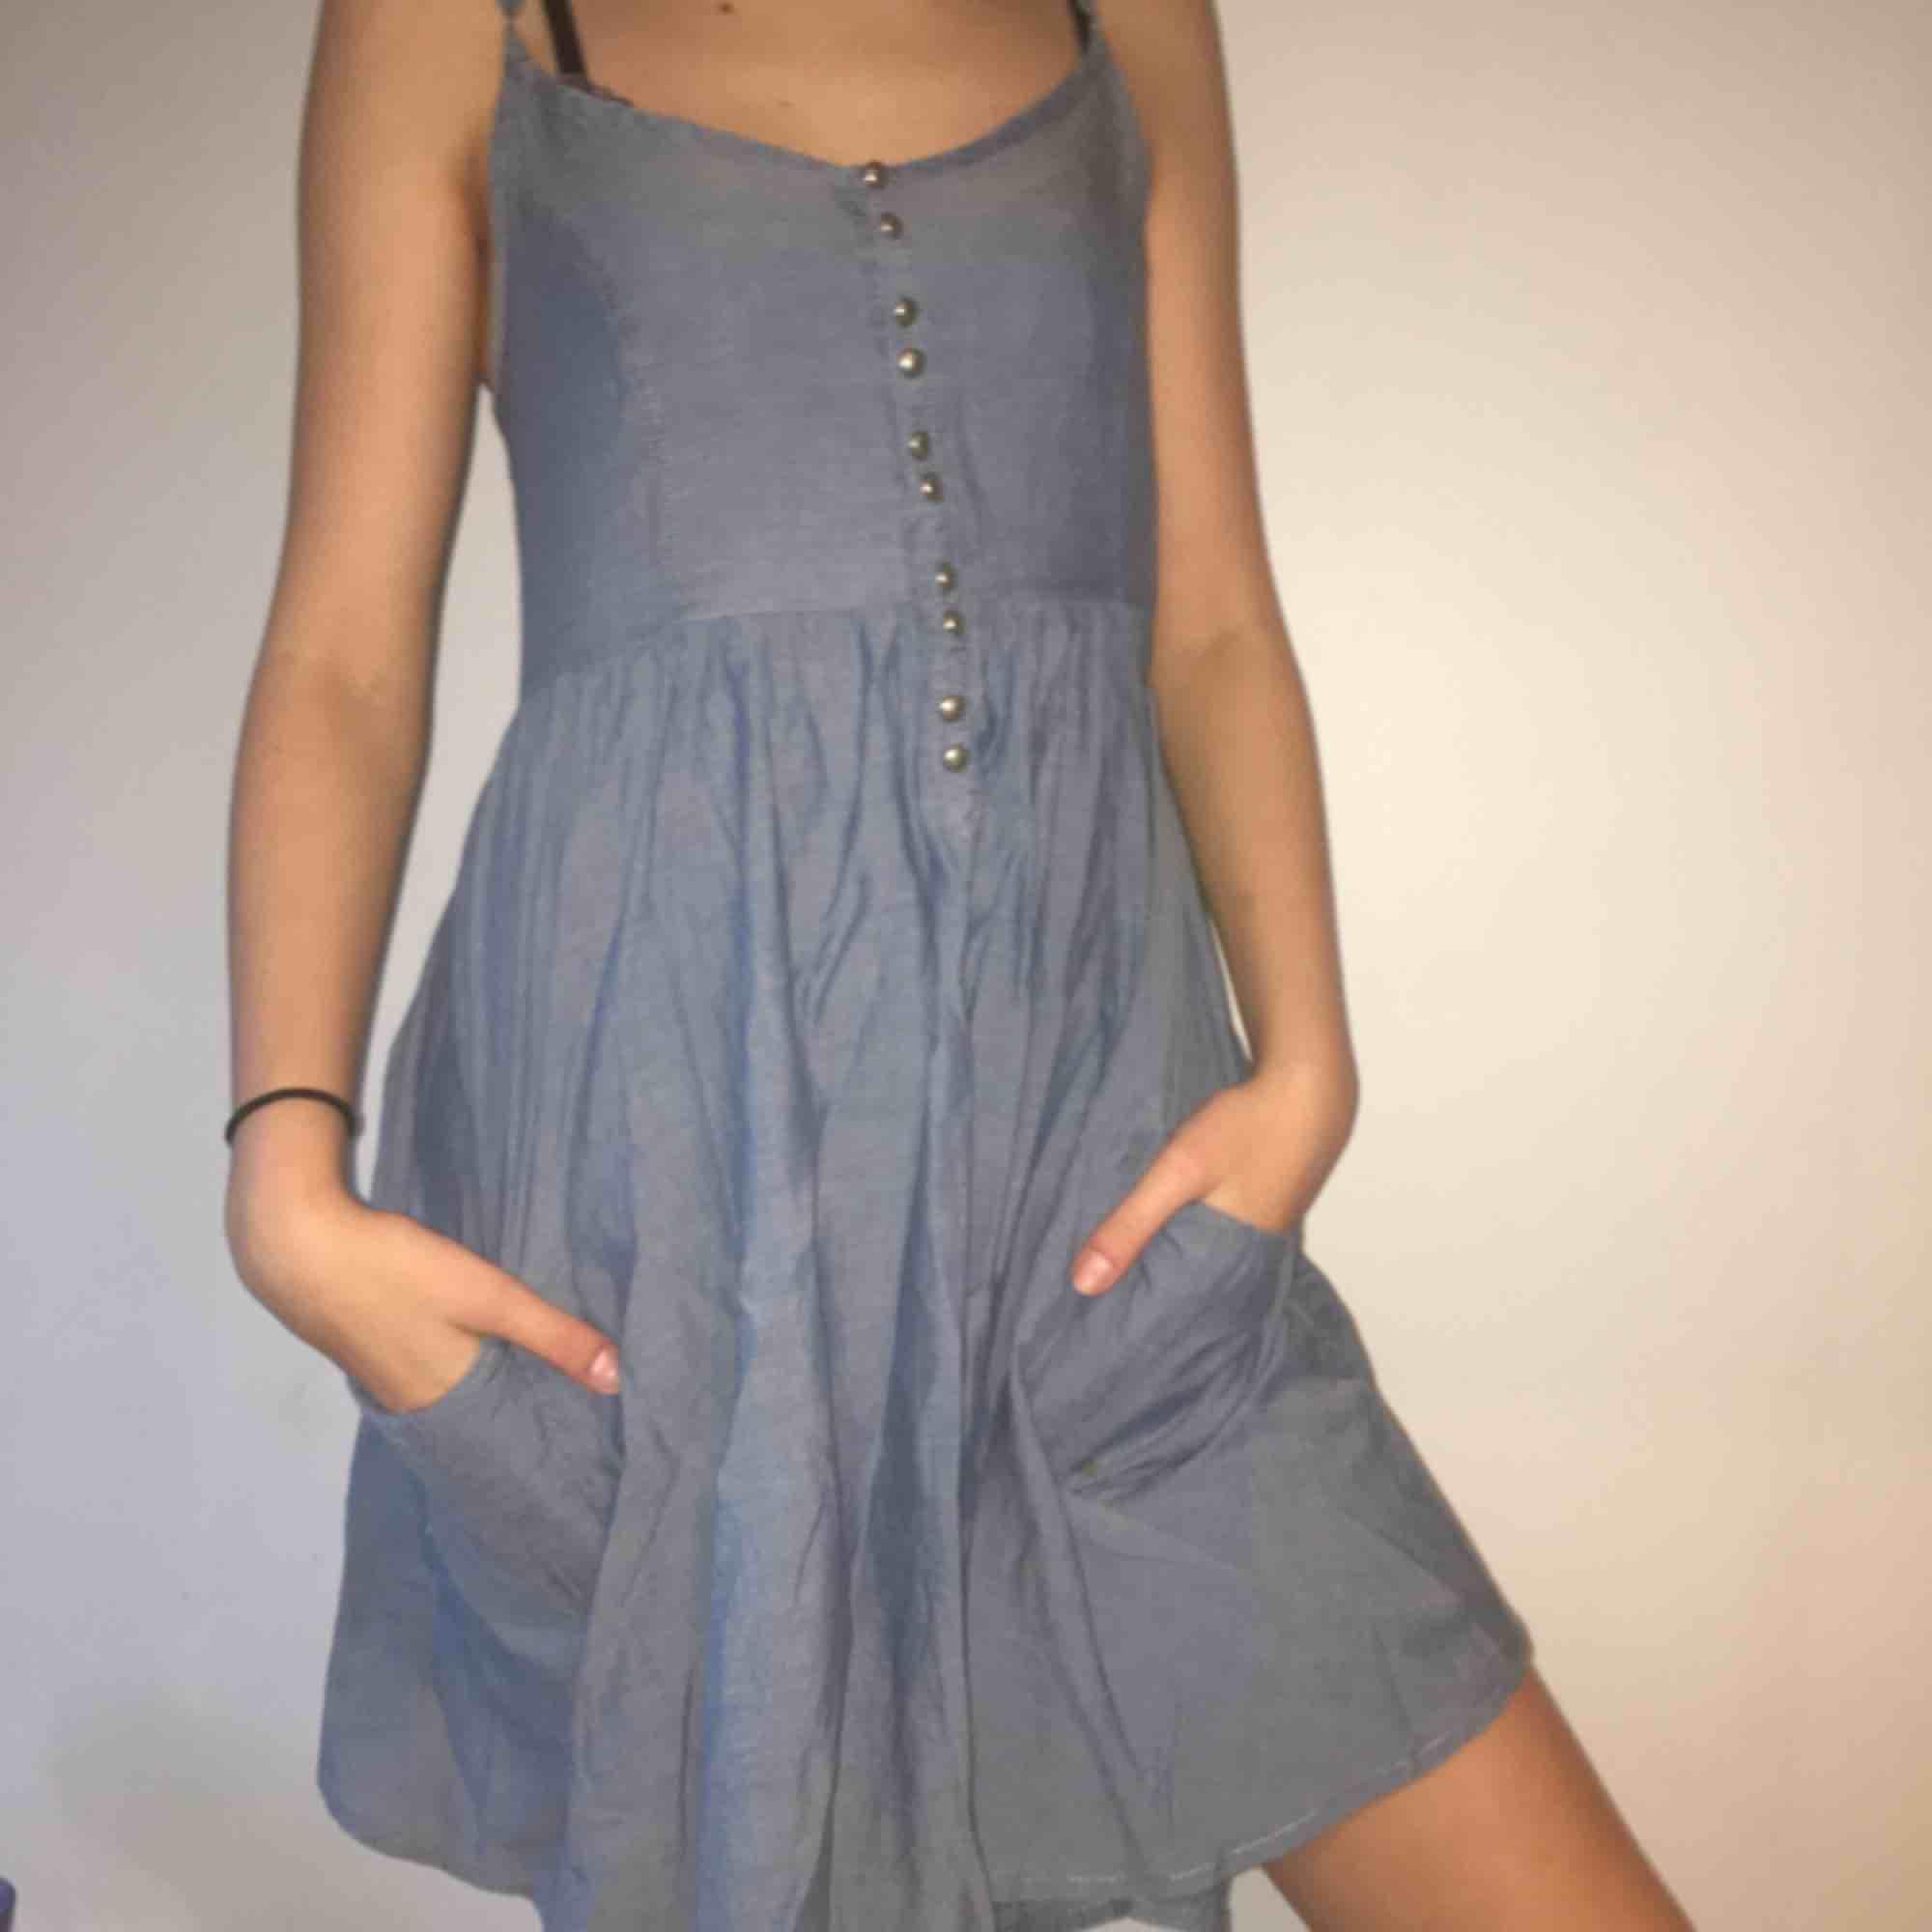 Fin jeansklänning från &dress med fina silverknappar och fickor. Jätteskön att ha på sig och är luftig. Klänningar.